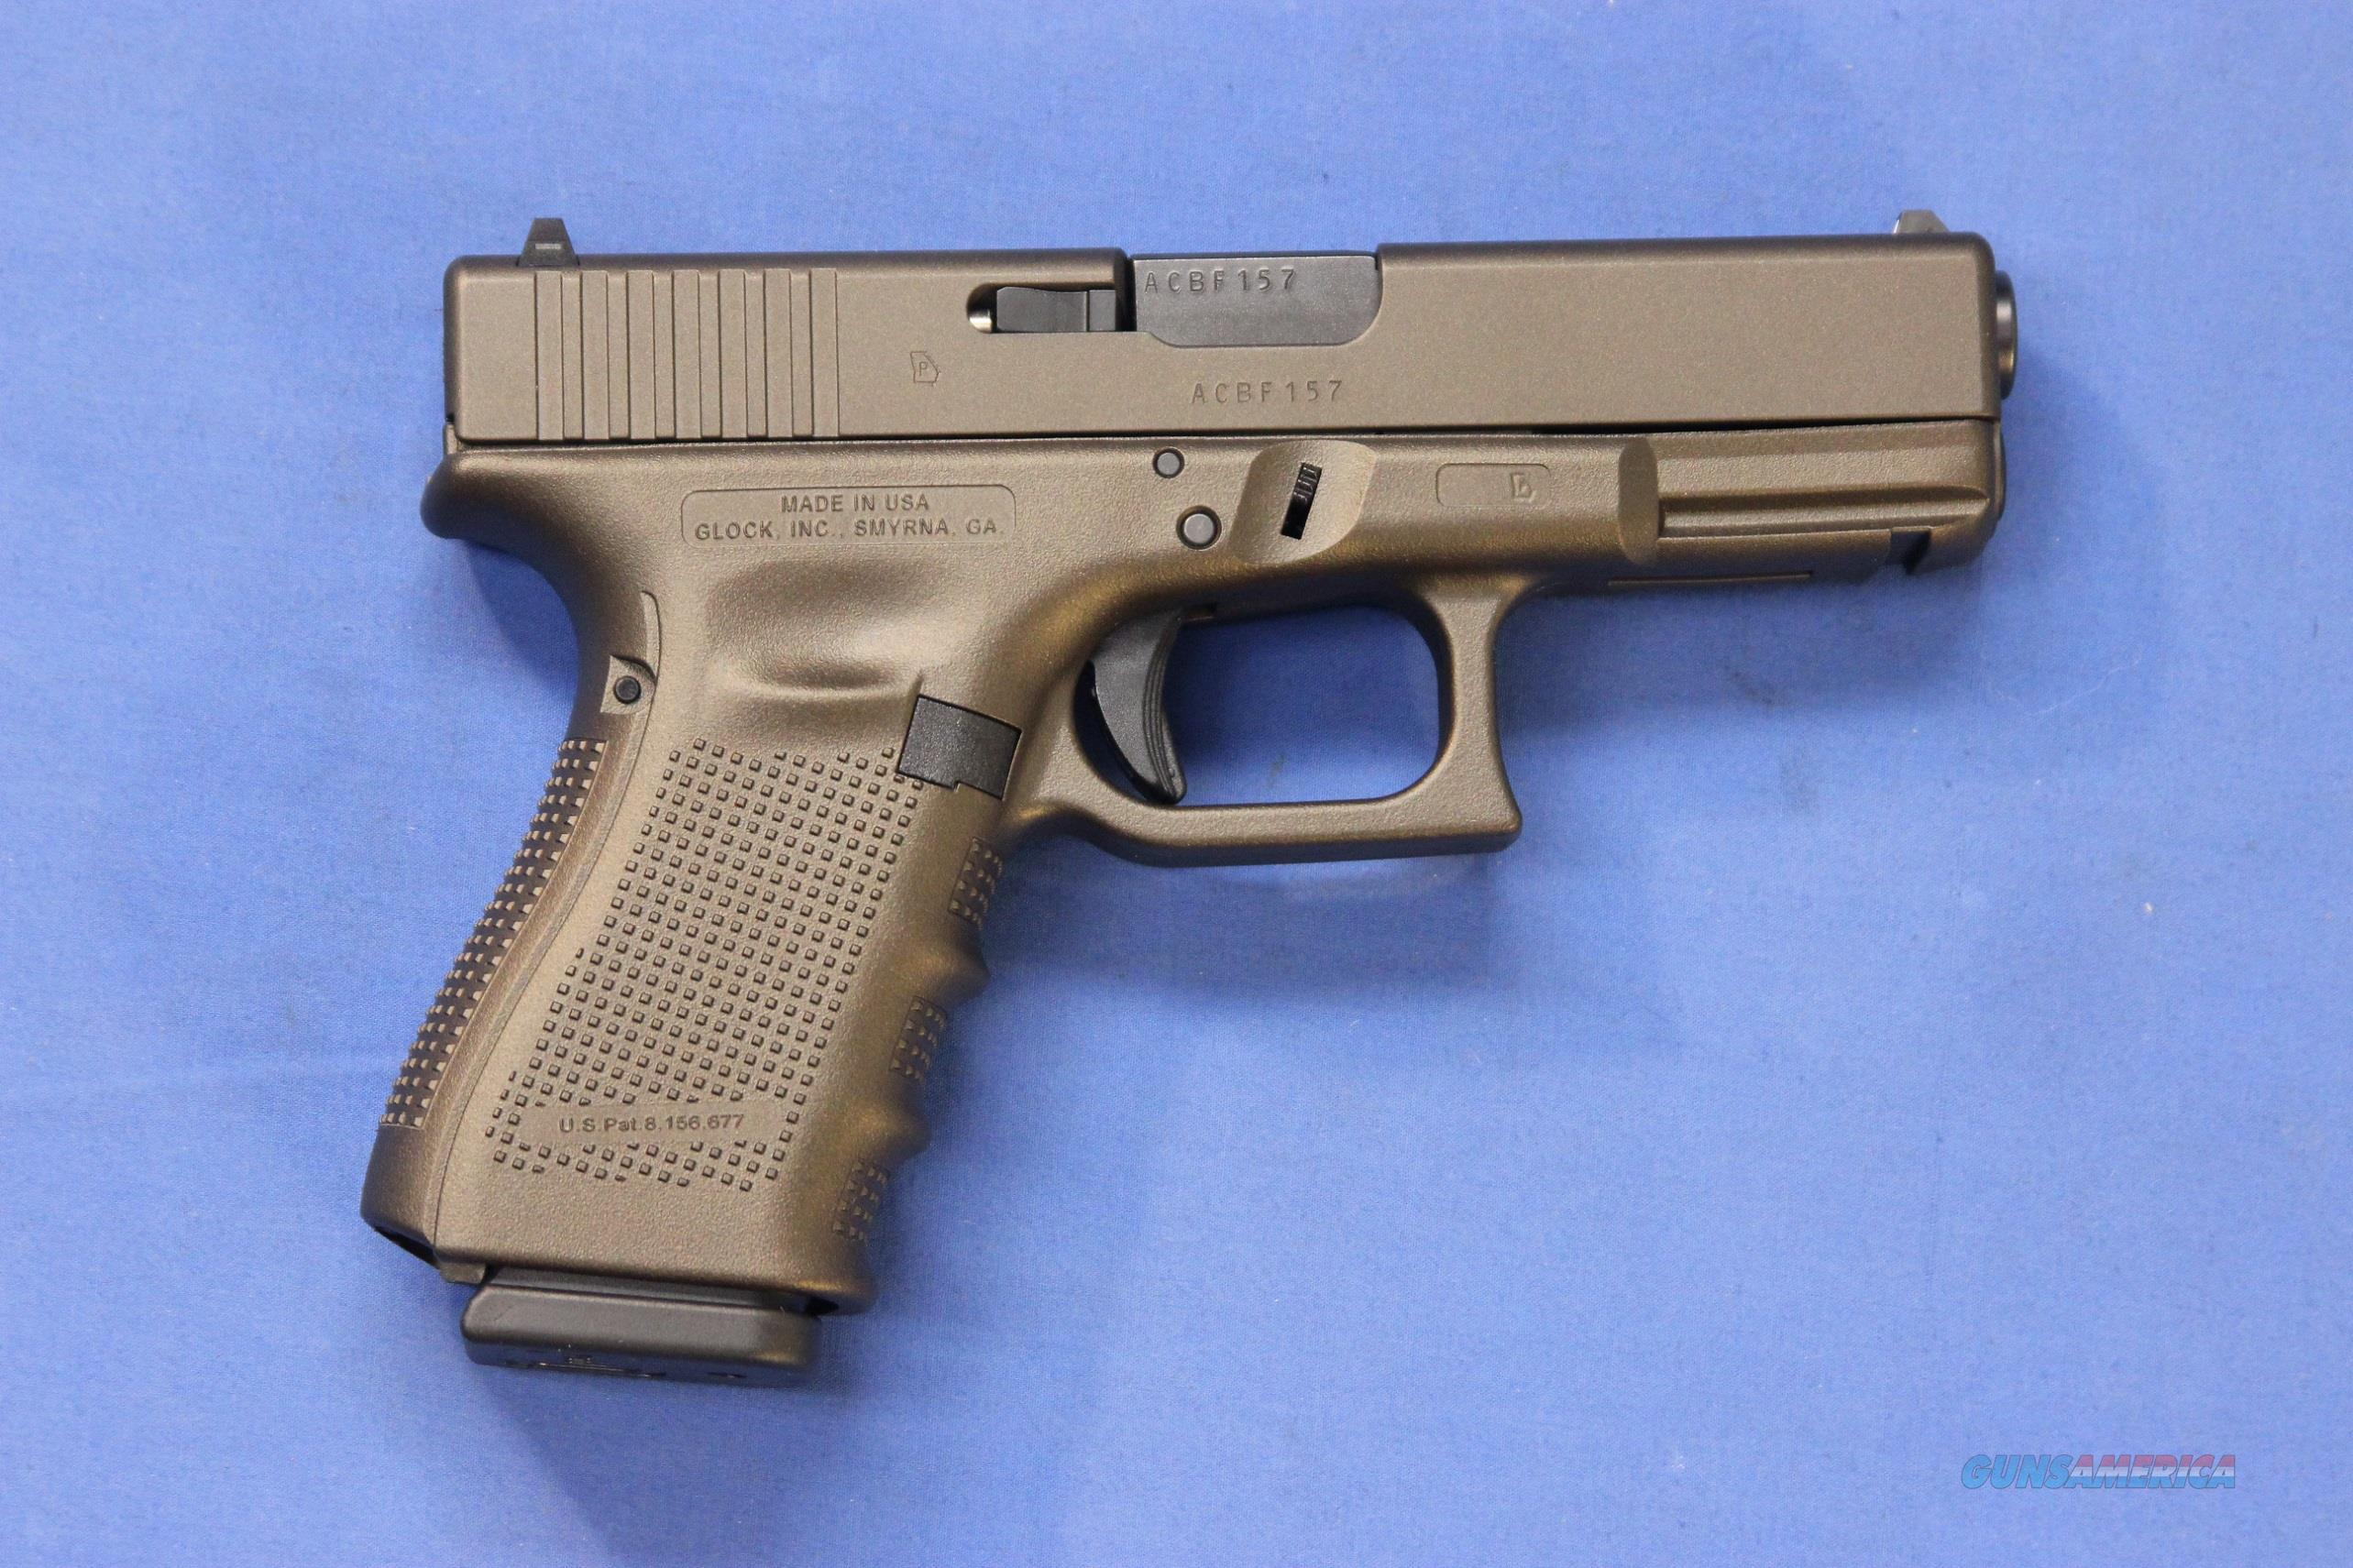 Berühmt Glock 19 Rahmen Fotos - Benutzerdefinierte Bilderrahmen ...